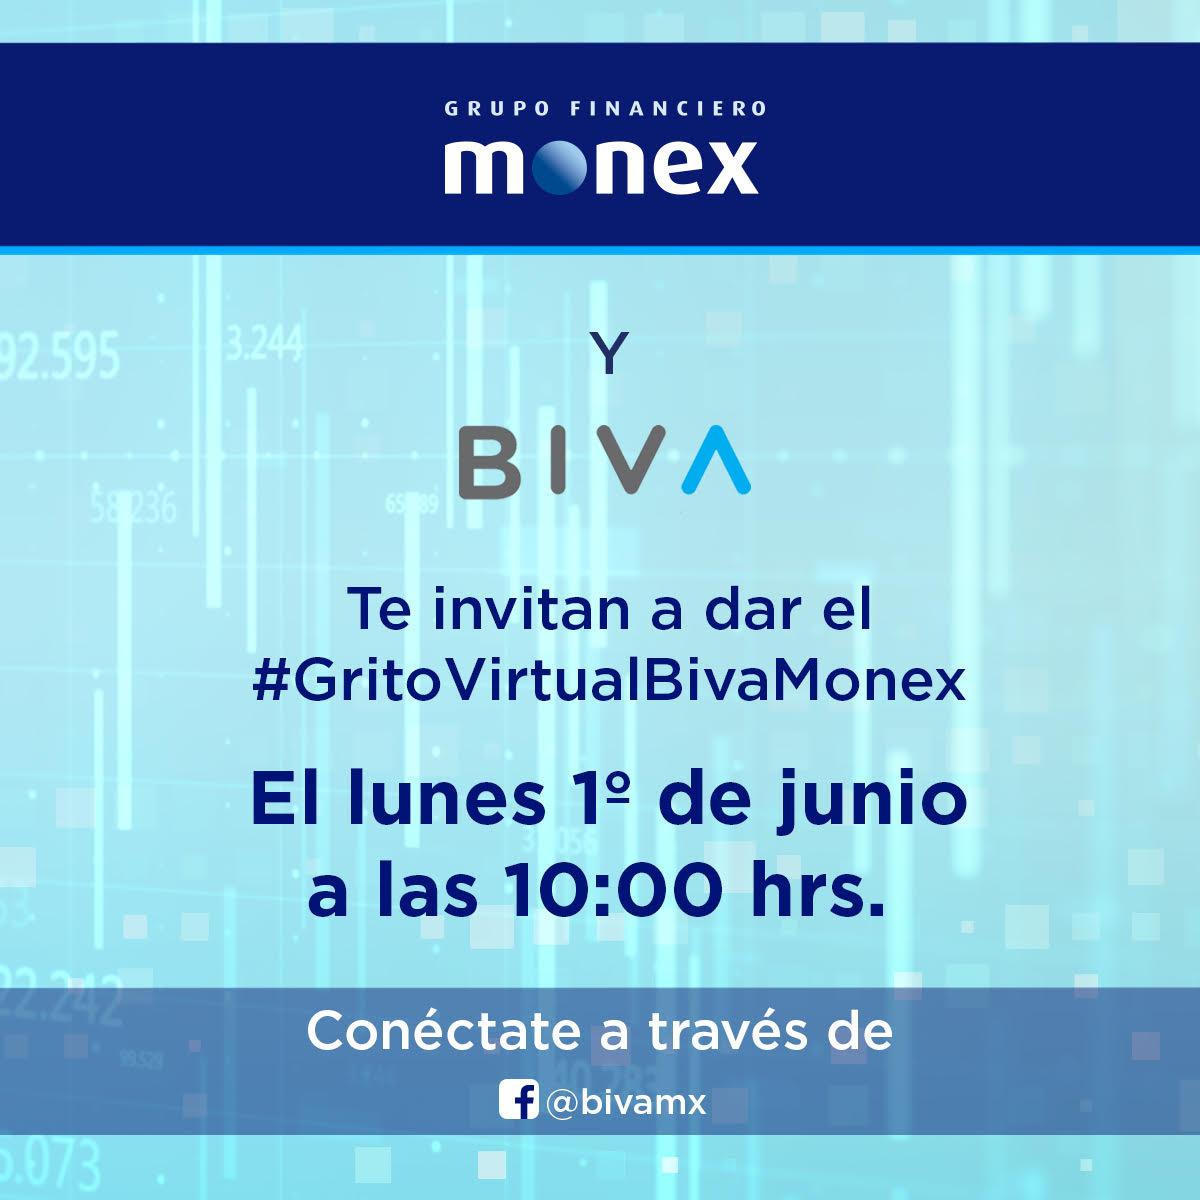 Mañana daremos el #GritoVirtualBivaMonex. Por ello, te invitamos al #FacebookLive de @BIVAMX a las 10 hrs para gritar juntos ¡#BIVAMonex! bit.ly/36K6J9b